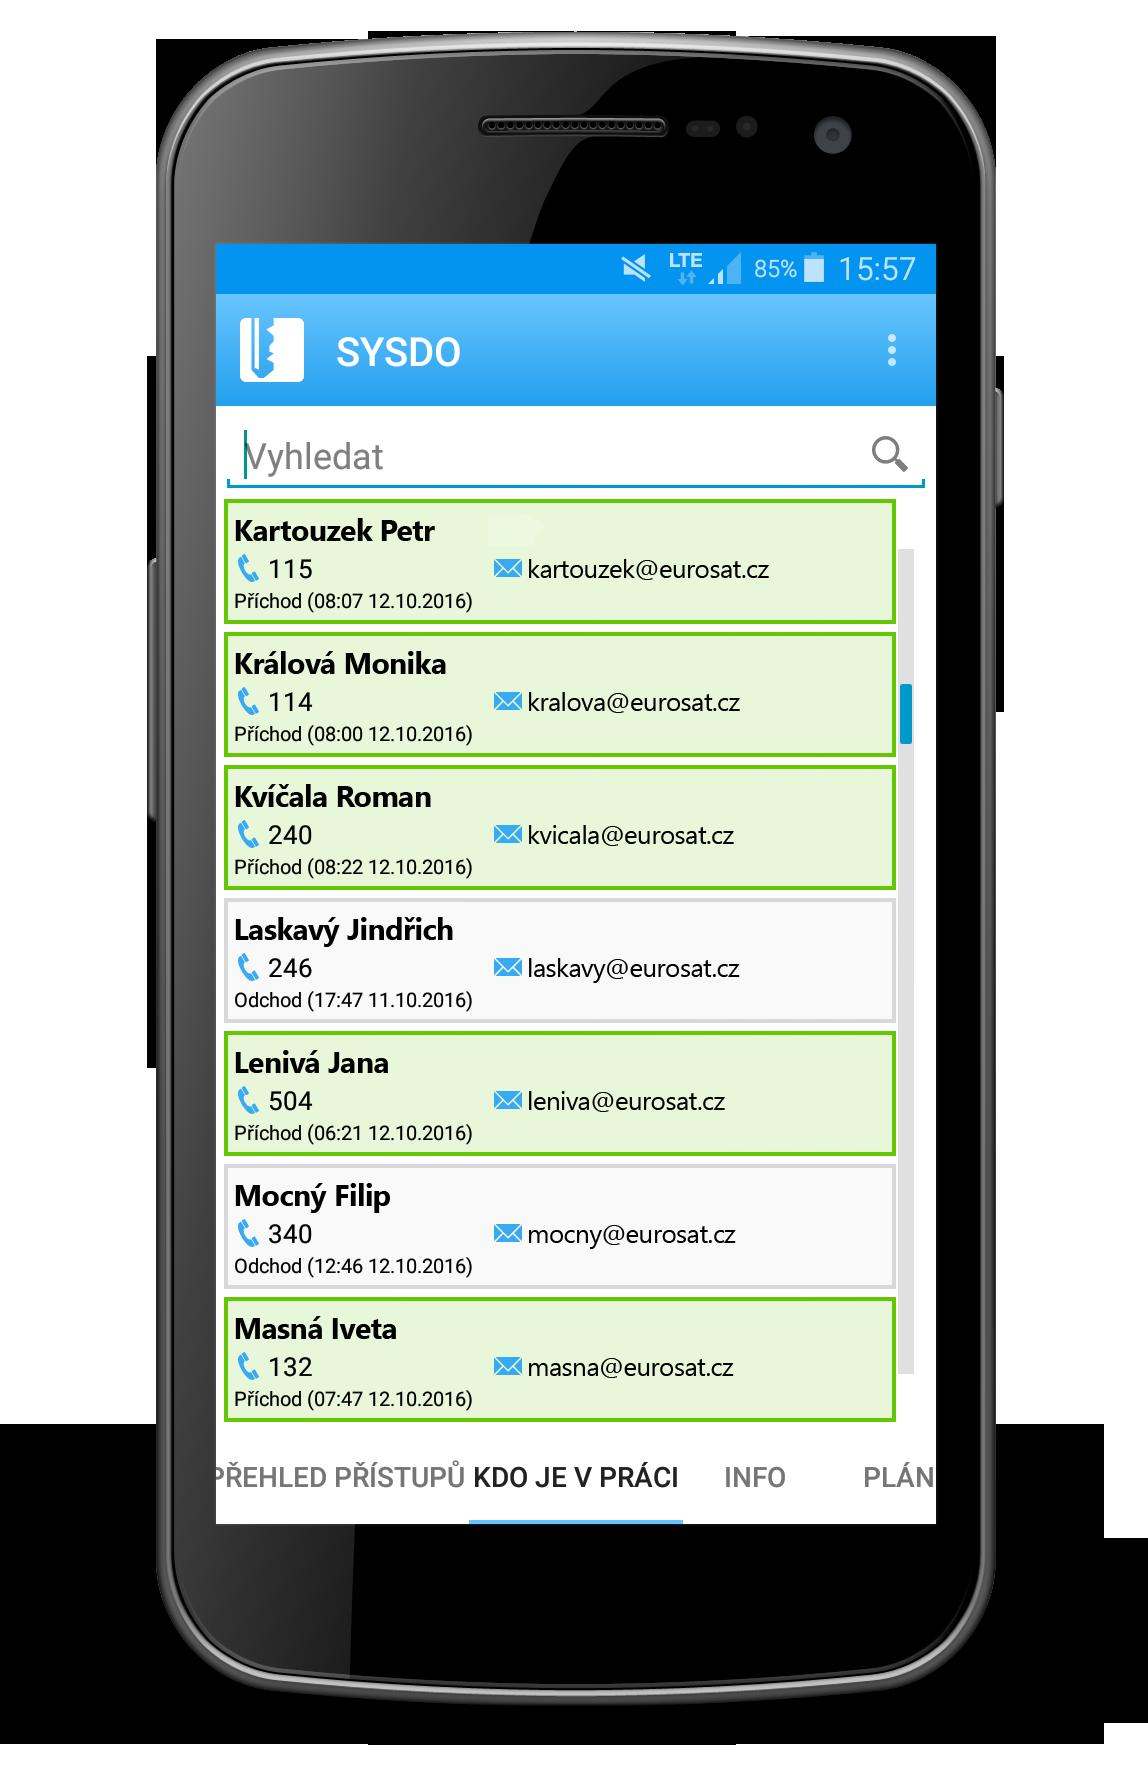 Náhled mobilní aplikace - přehled přítomnosti